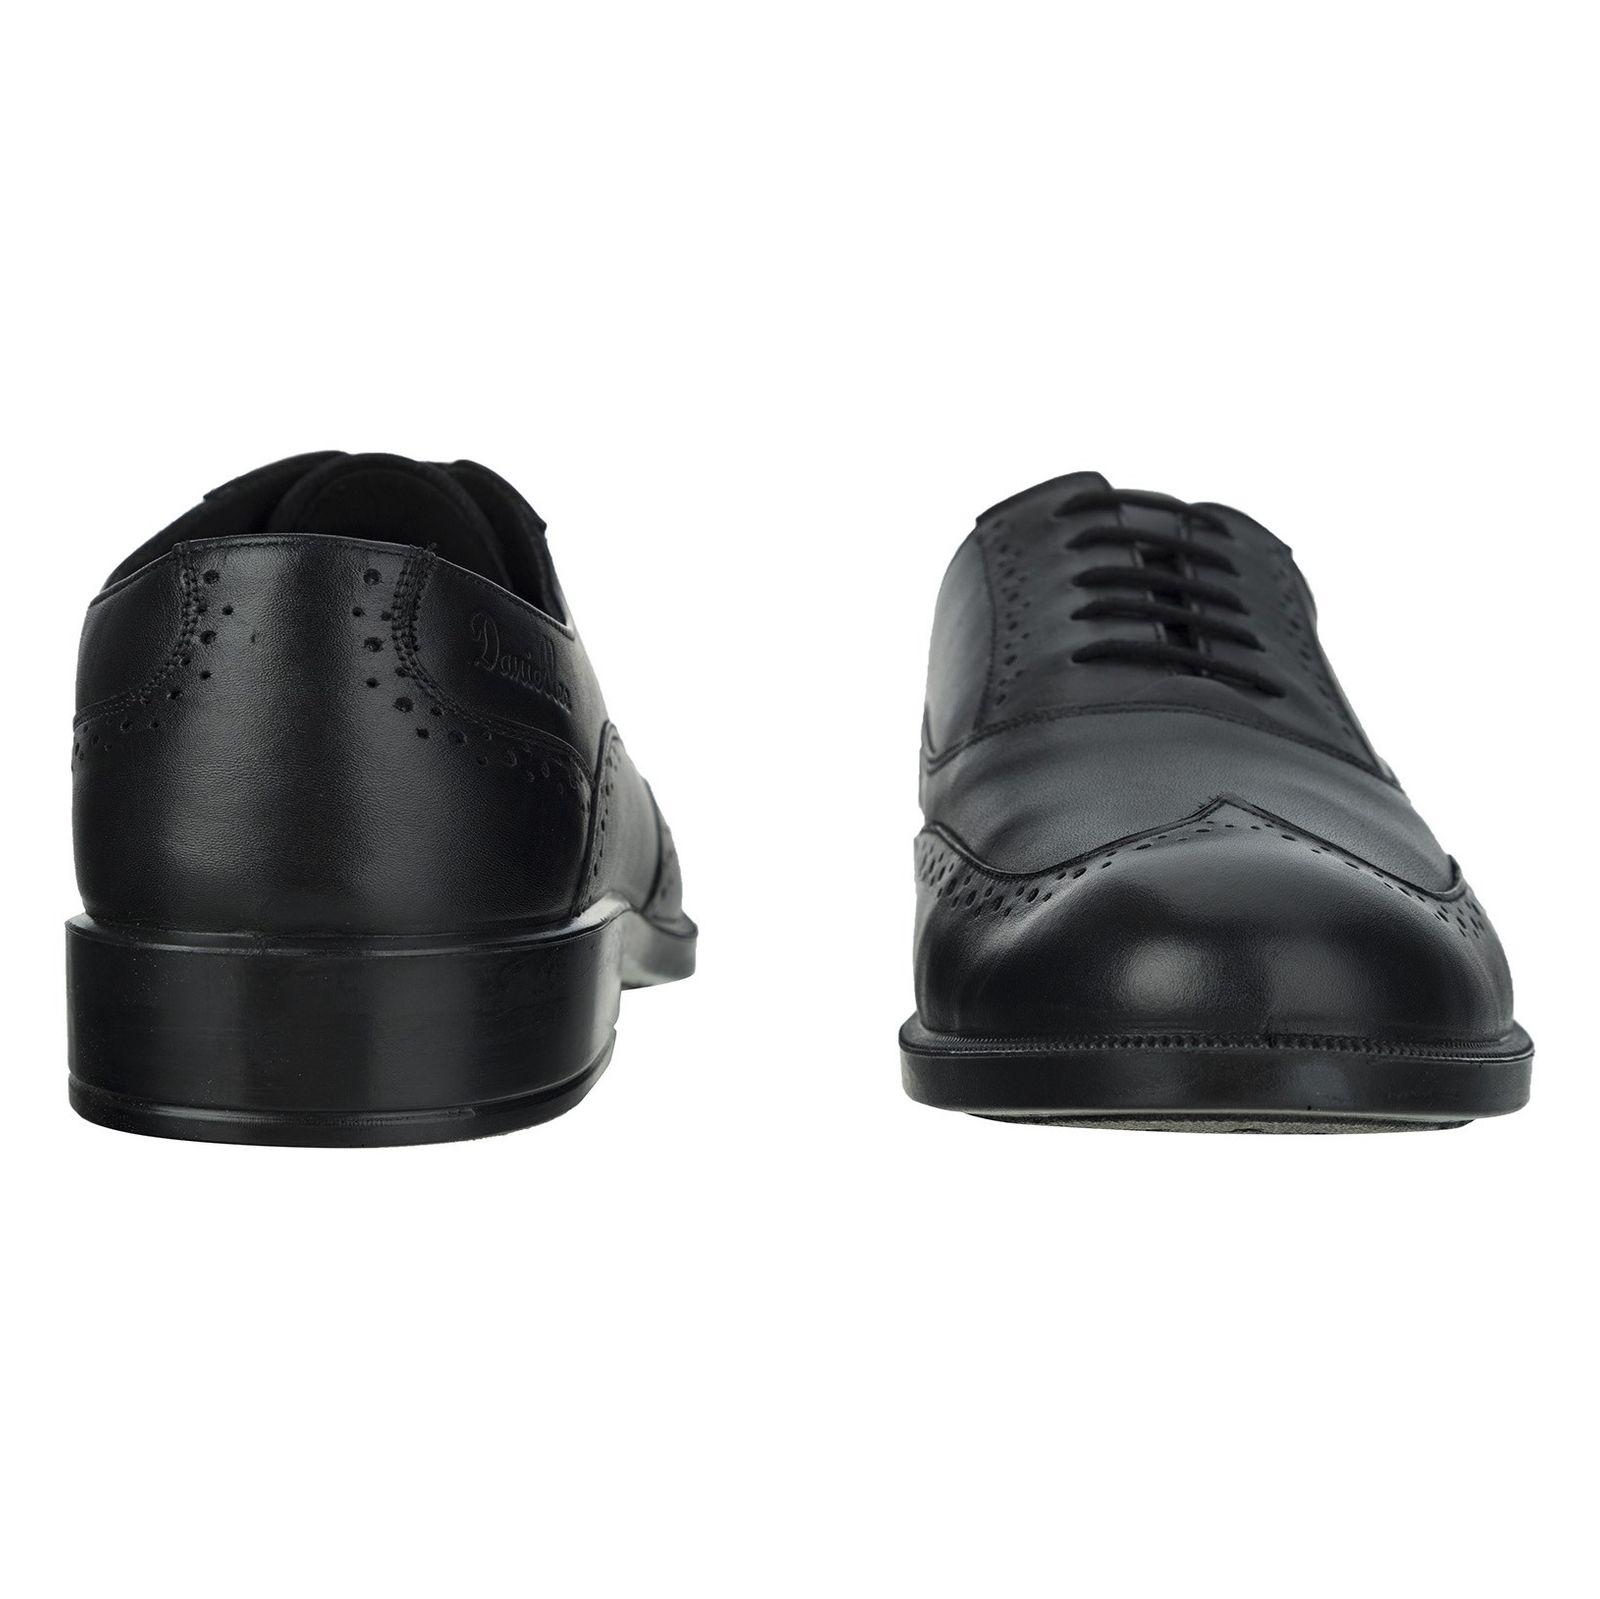 کفش رسمی چرم مردانه Lazzaro - دنیلی - مشکي - 5